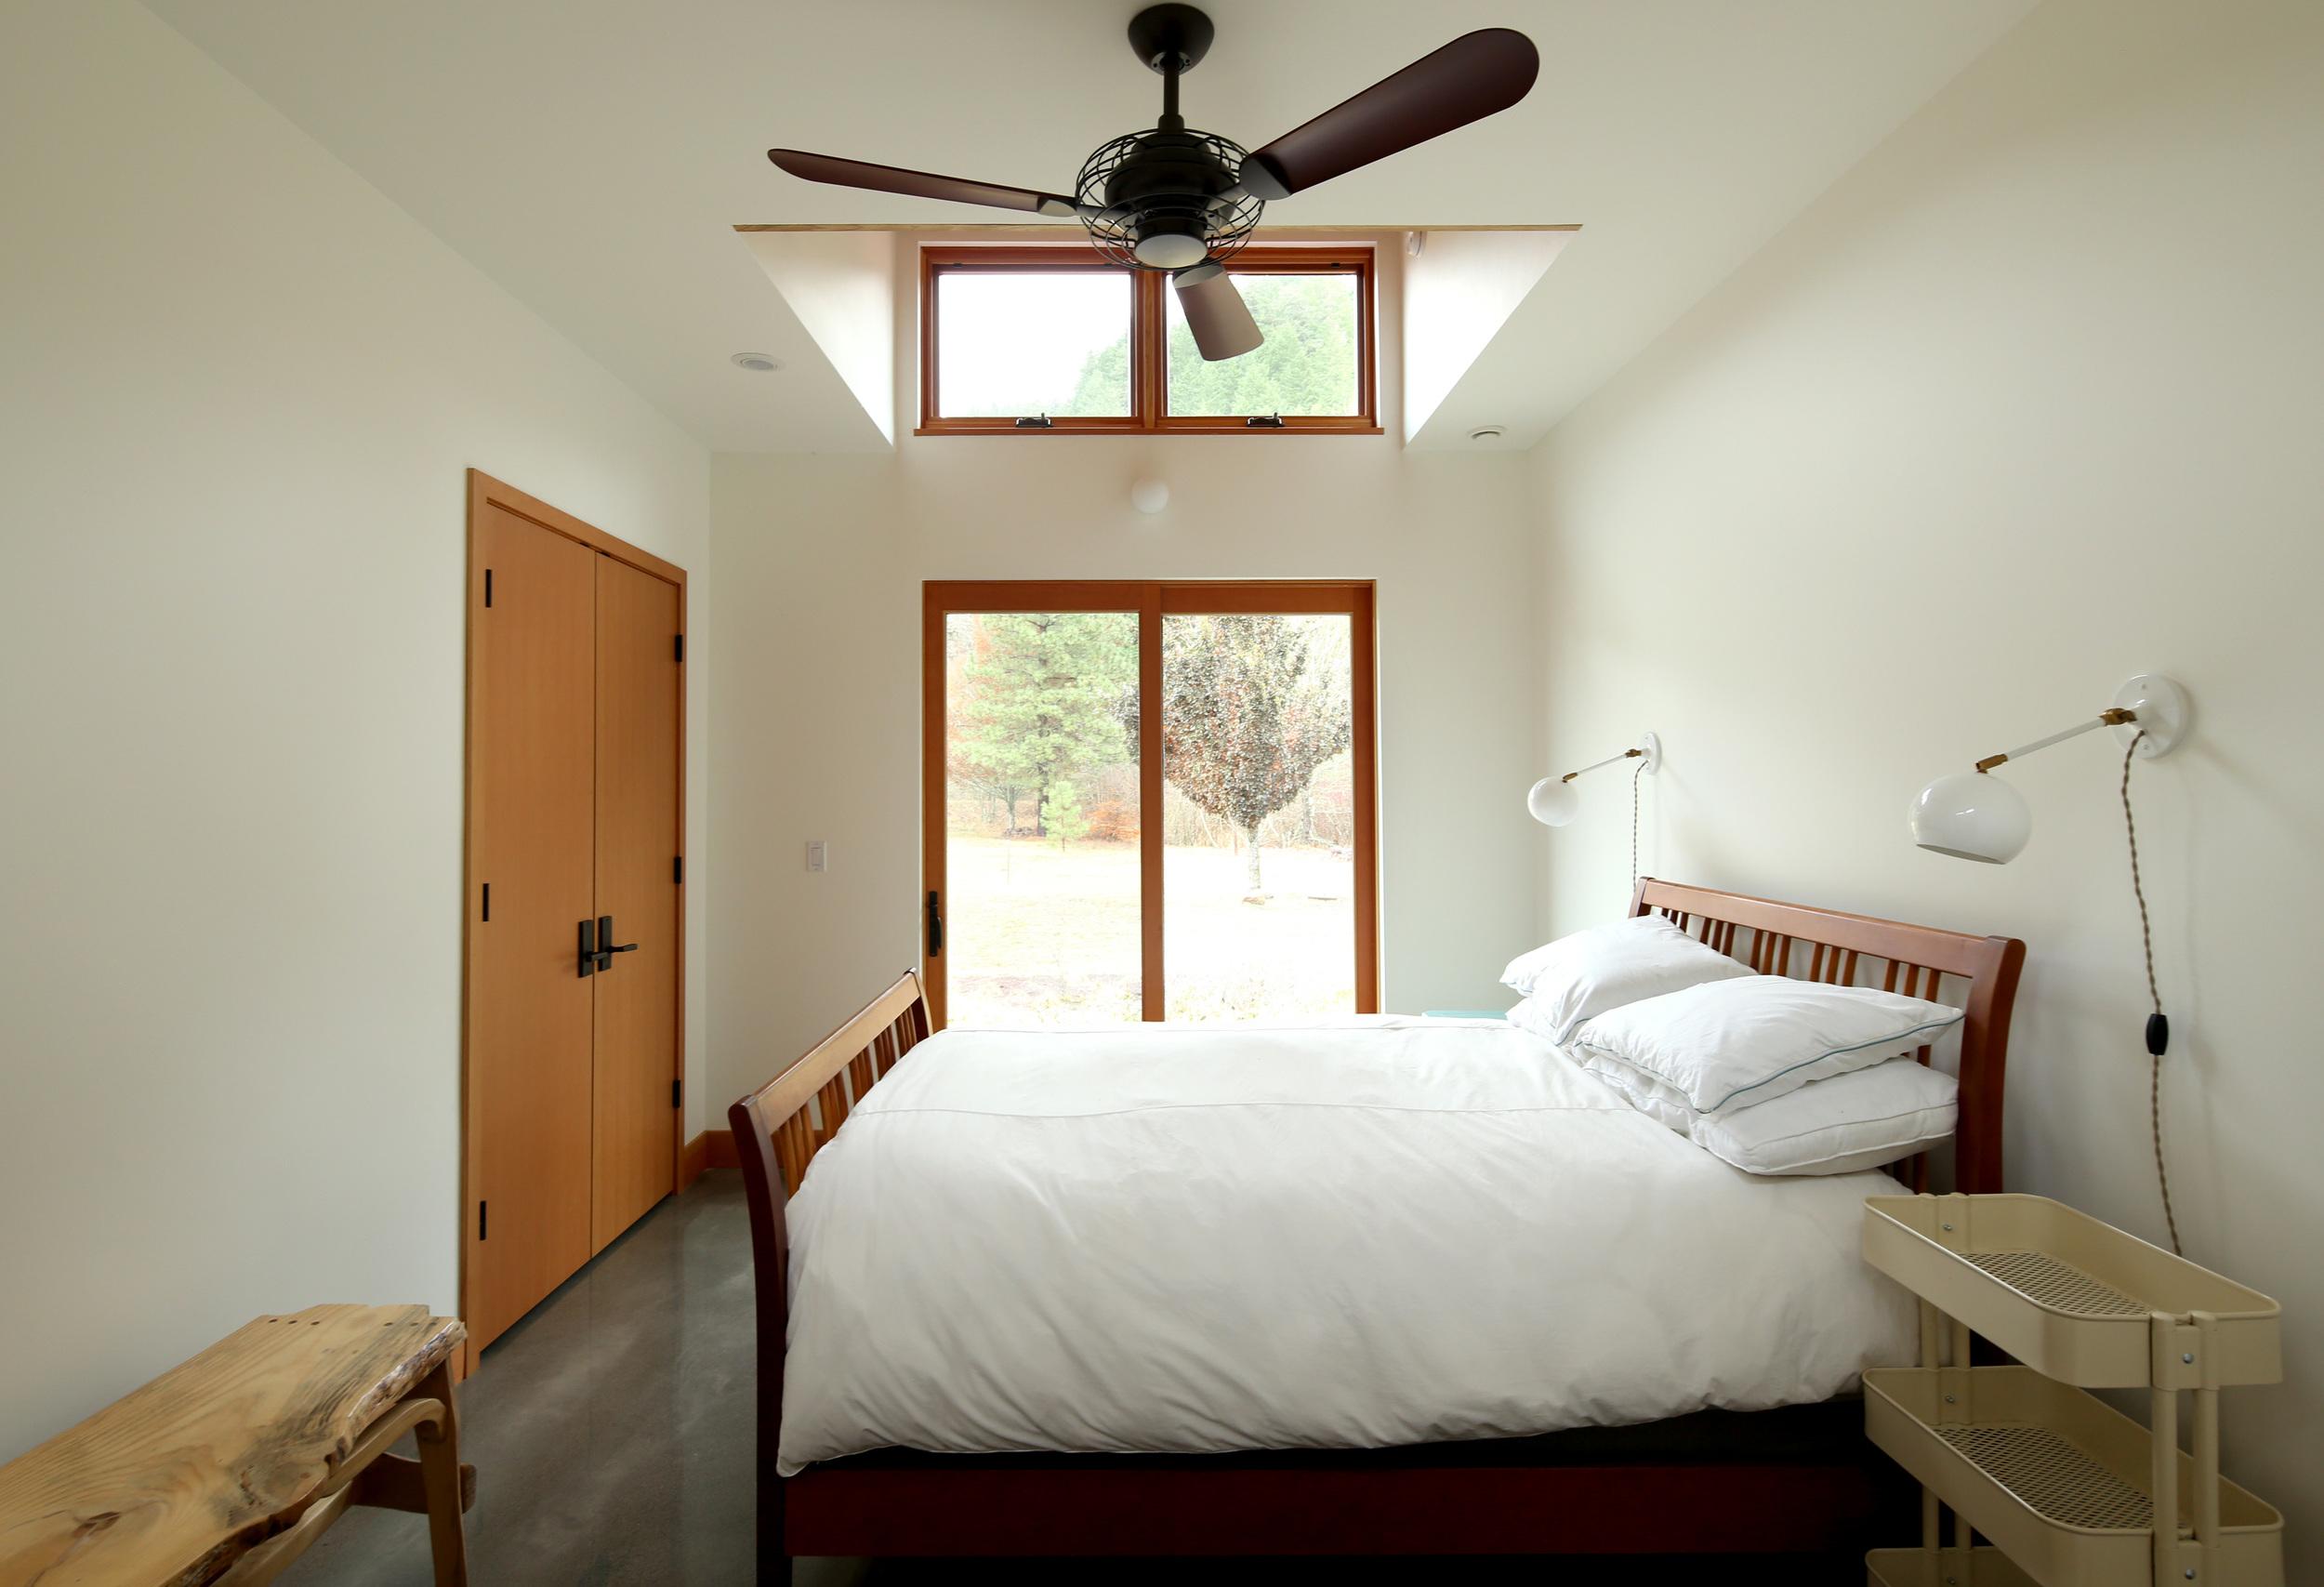 Trout bedroom.JPG